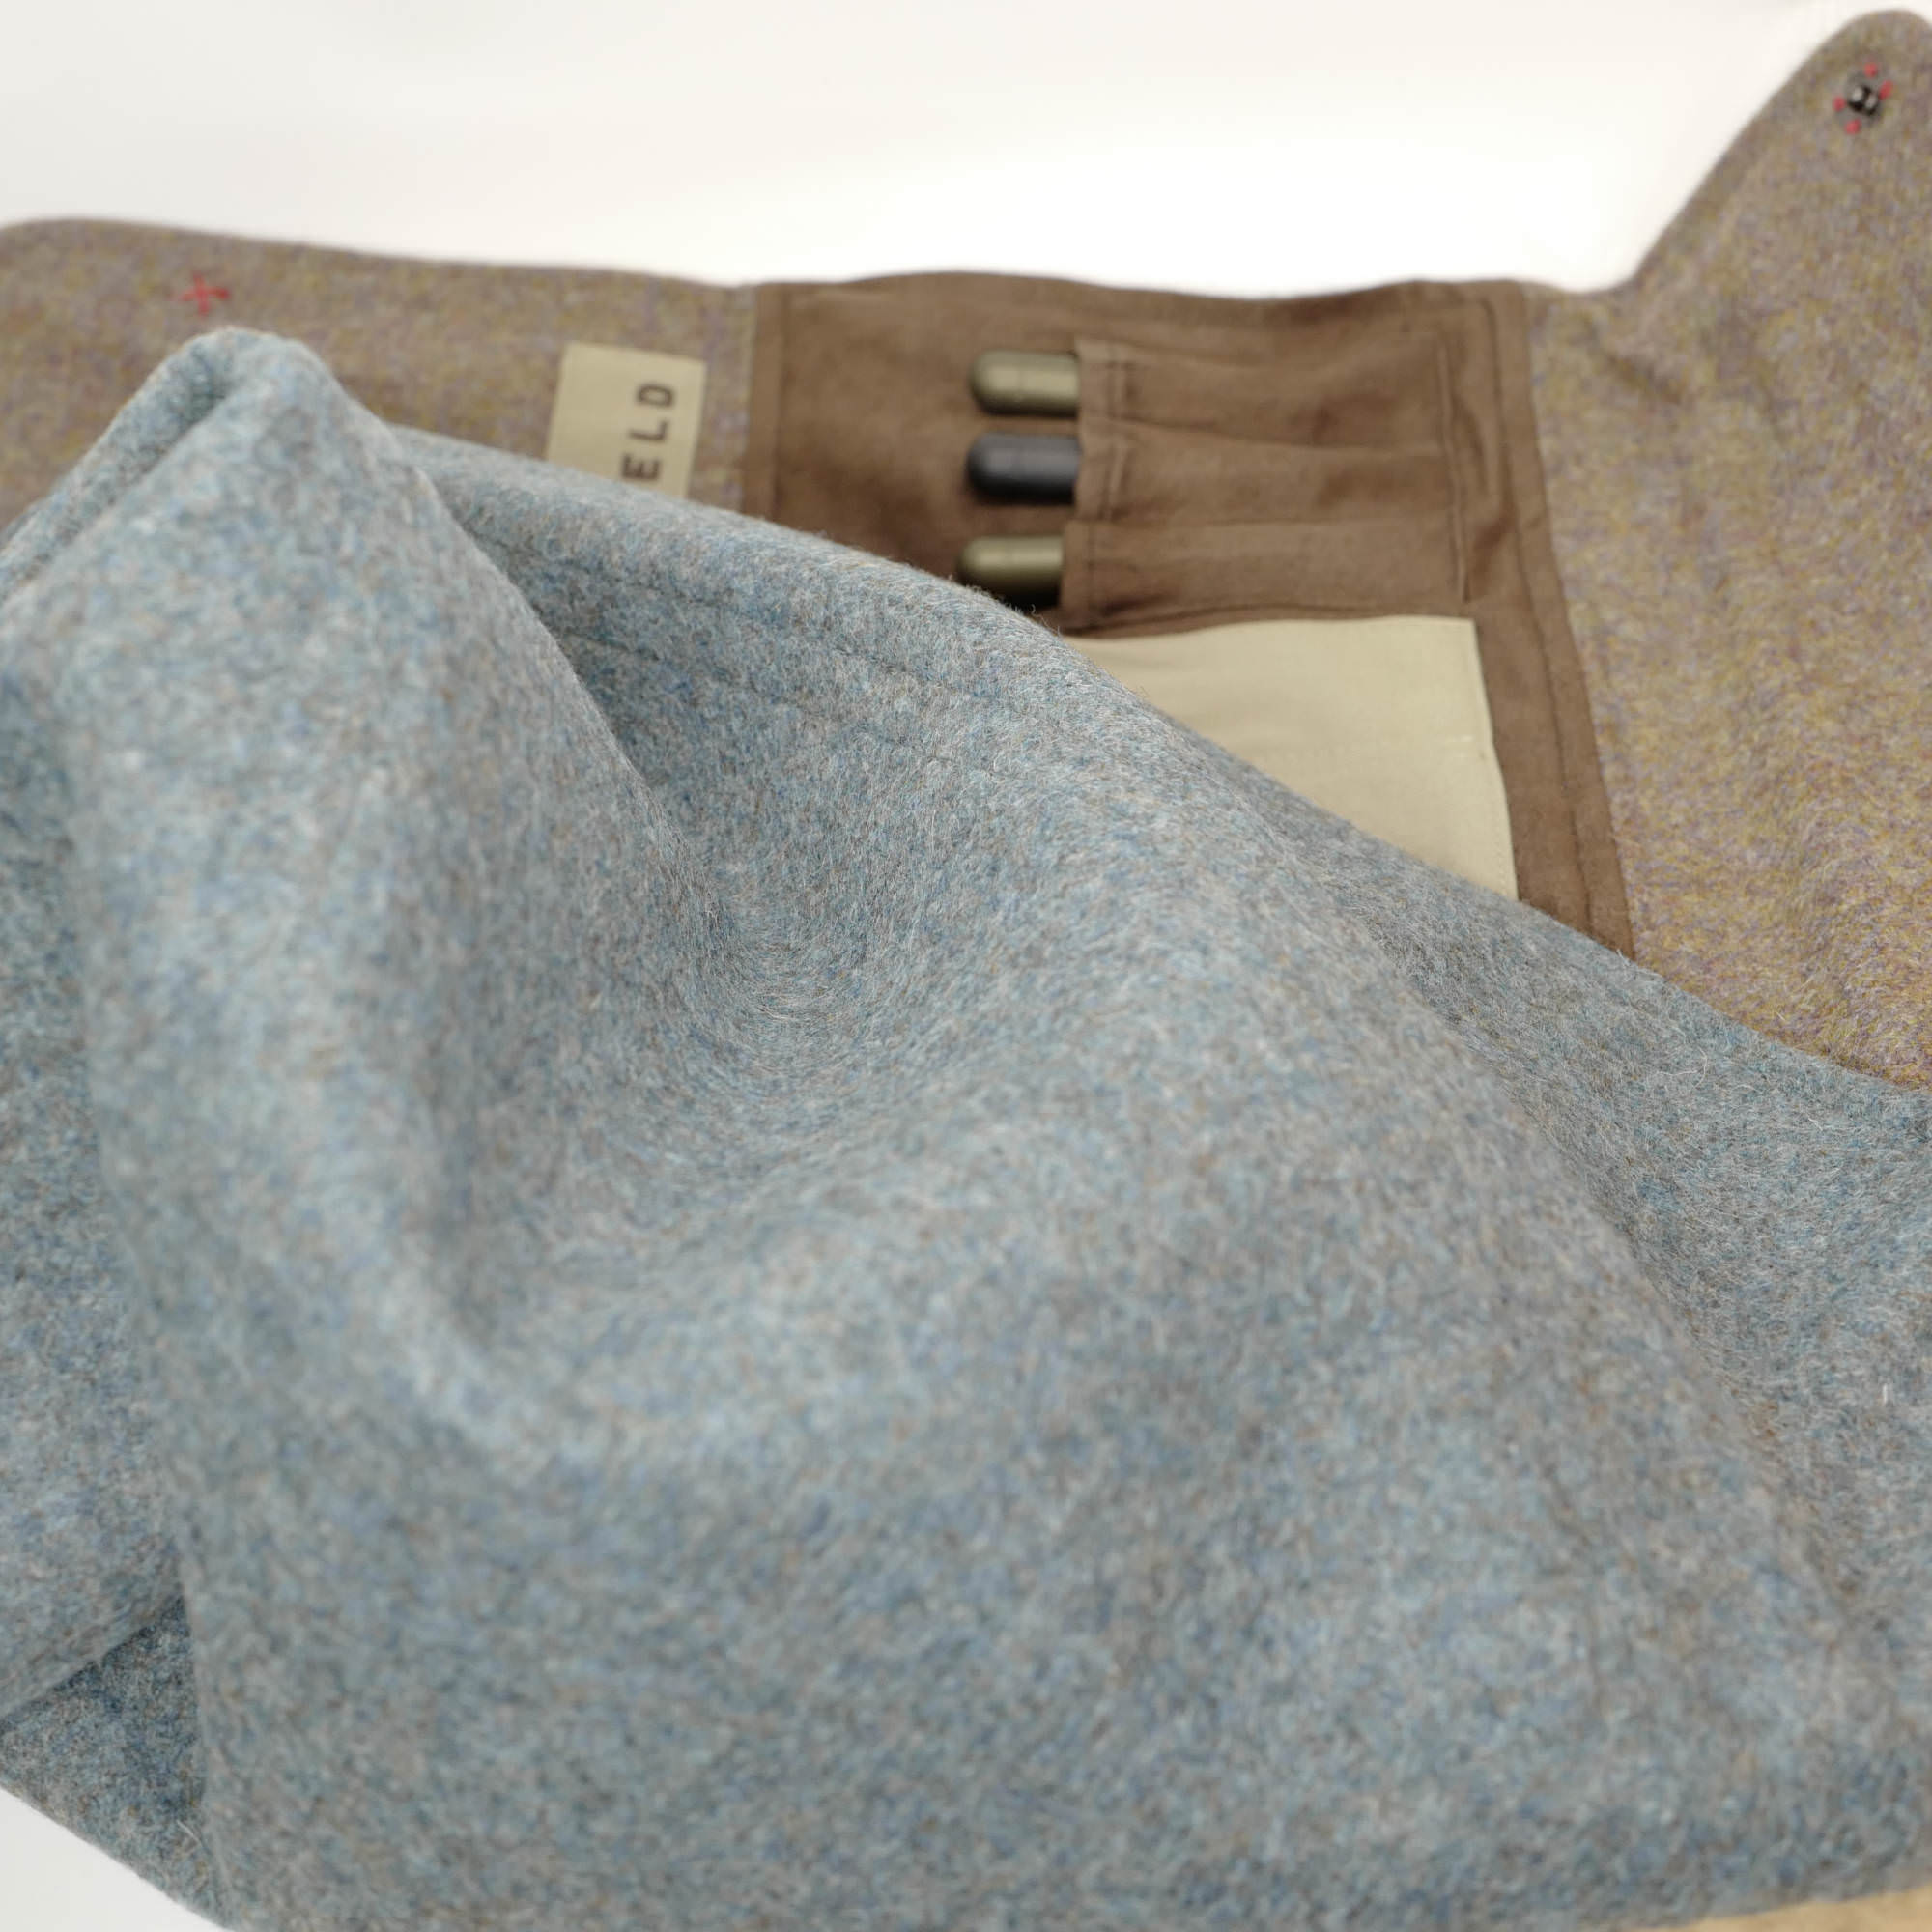 Strap Kit Folds